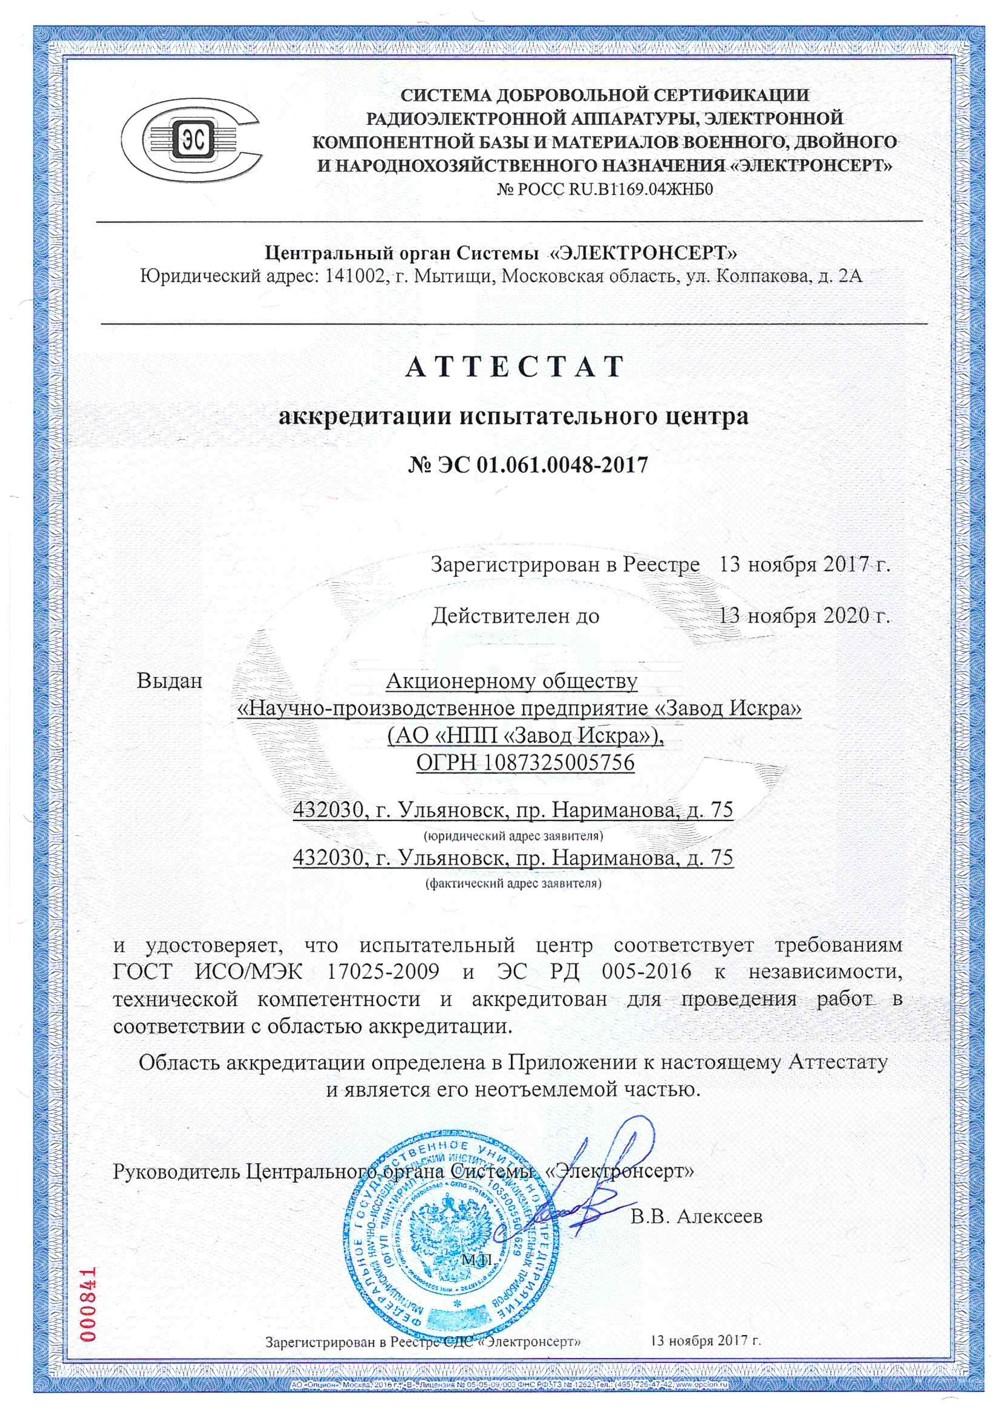 Аттестат аккредитации испытательного центра № ЭС 01.061.0048-2017